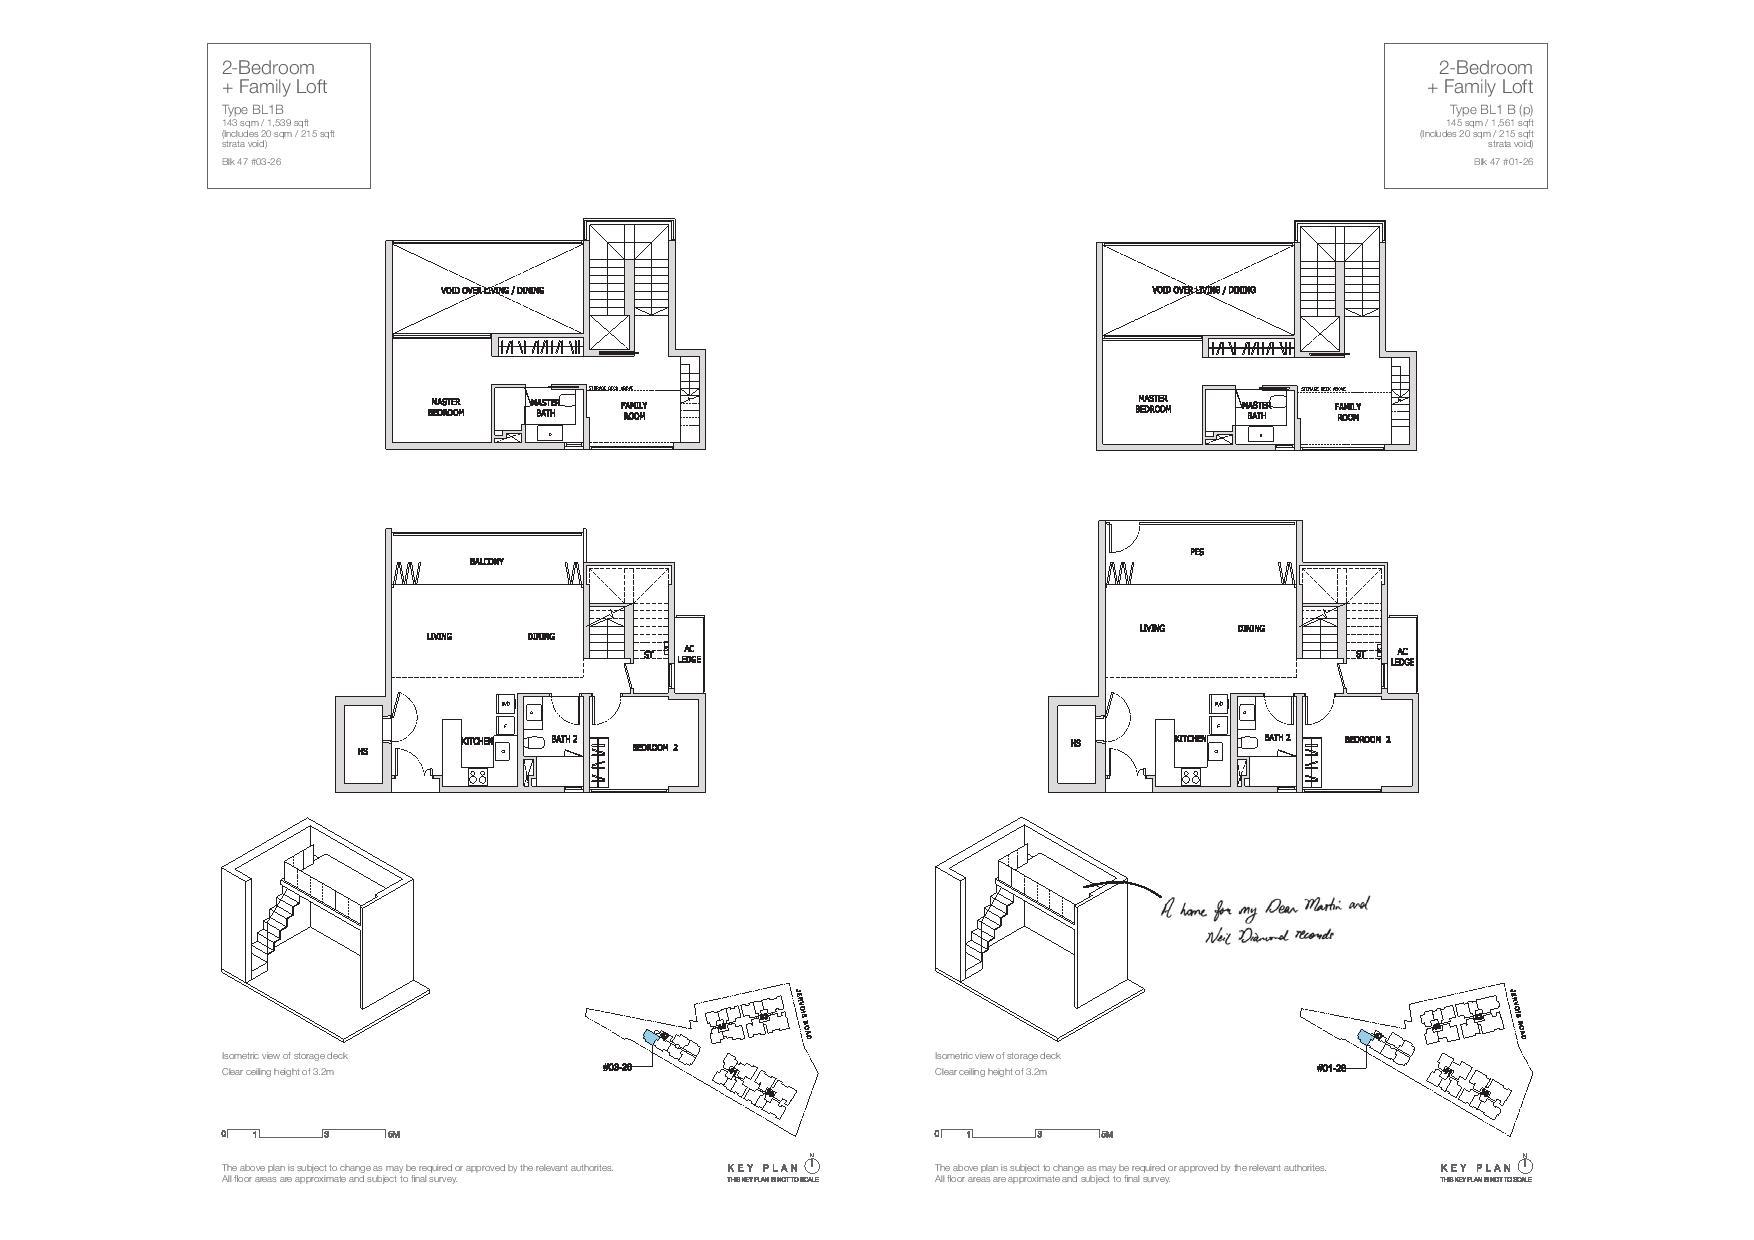 Mon Jervois 2 Bedroom + Family Loft Floor Plans Type BL1B, BL1B(p)